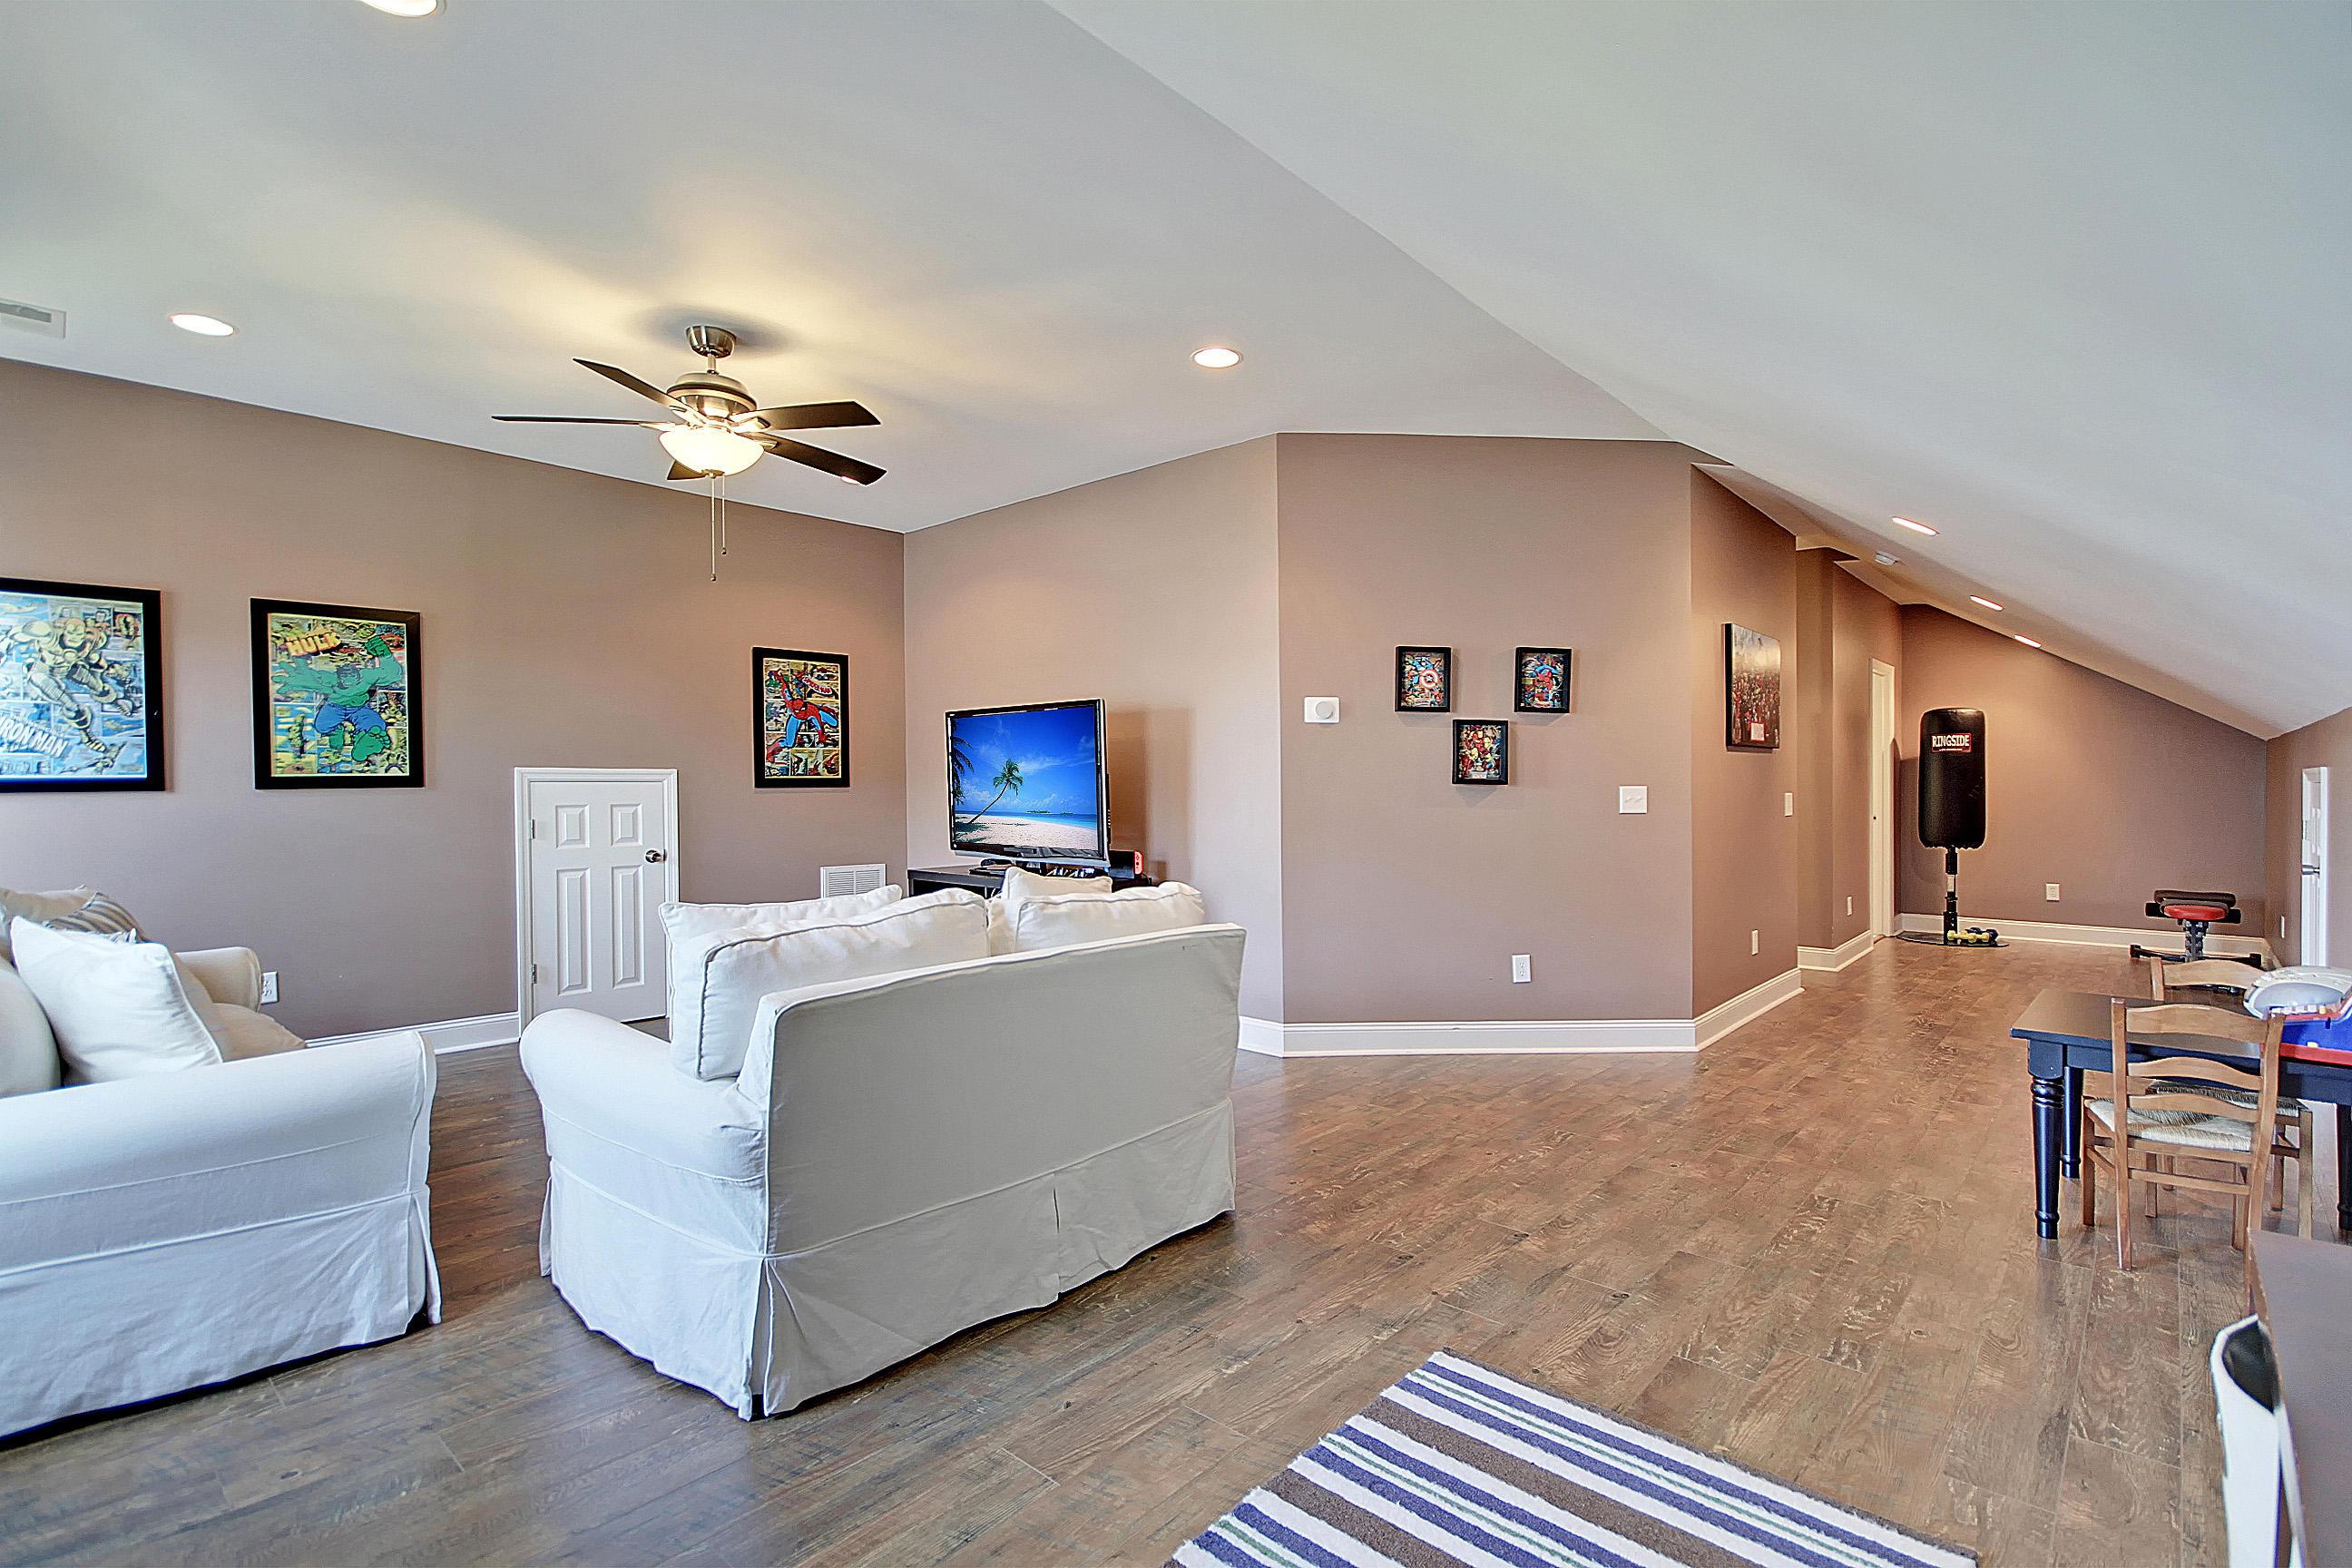 Dunes West Homes For Sale - 1420 Trip Line, Mount Pleasant, SC - 45